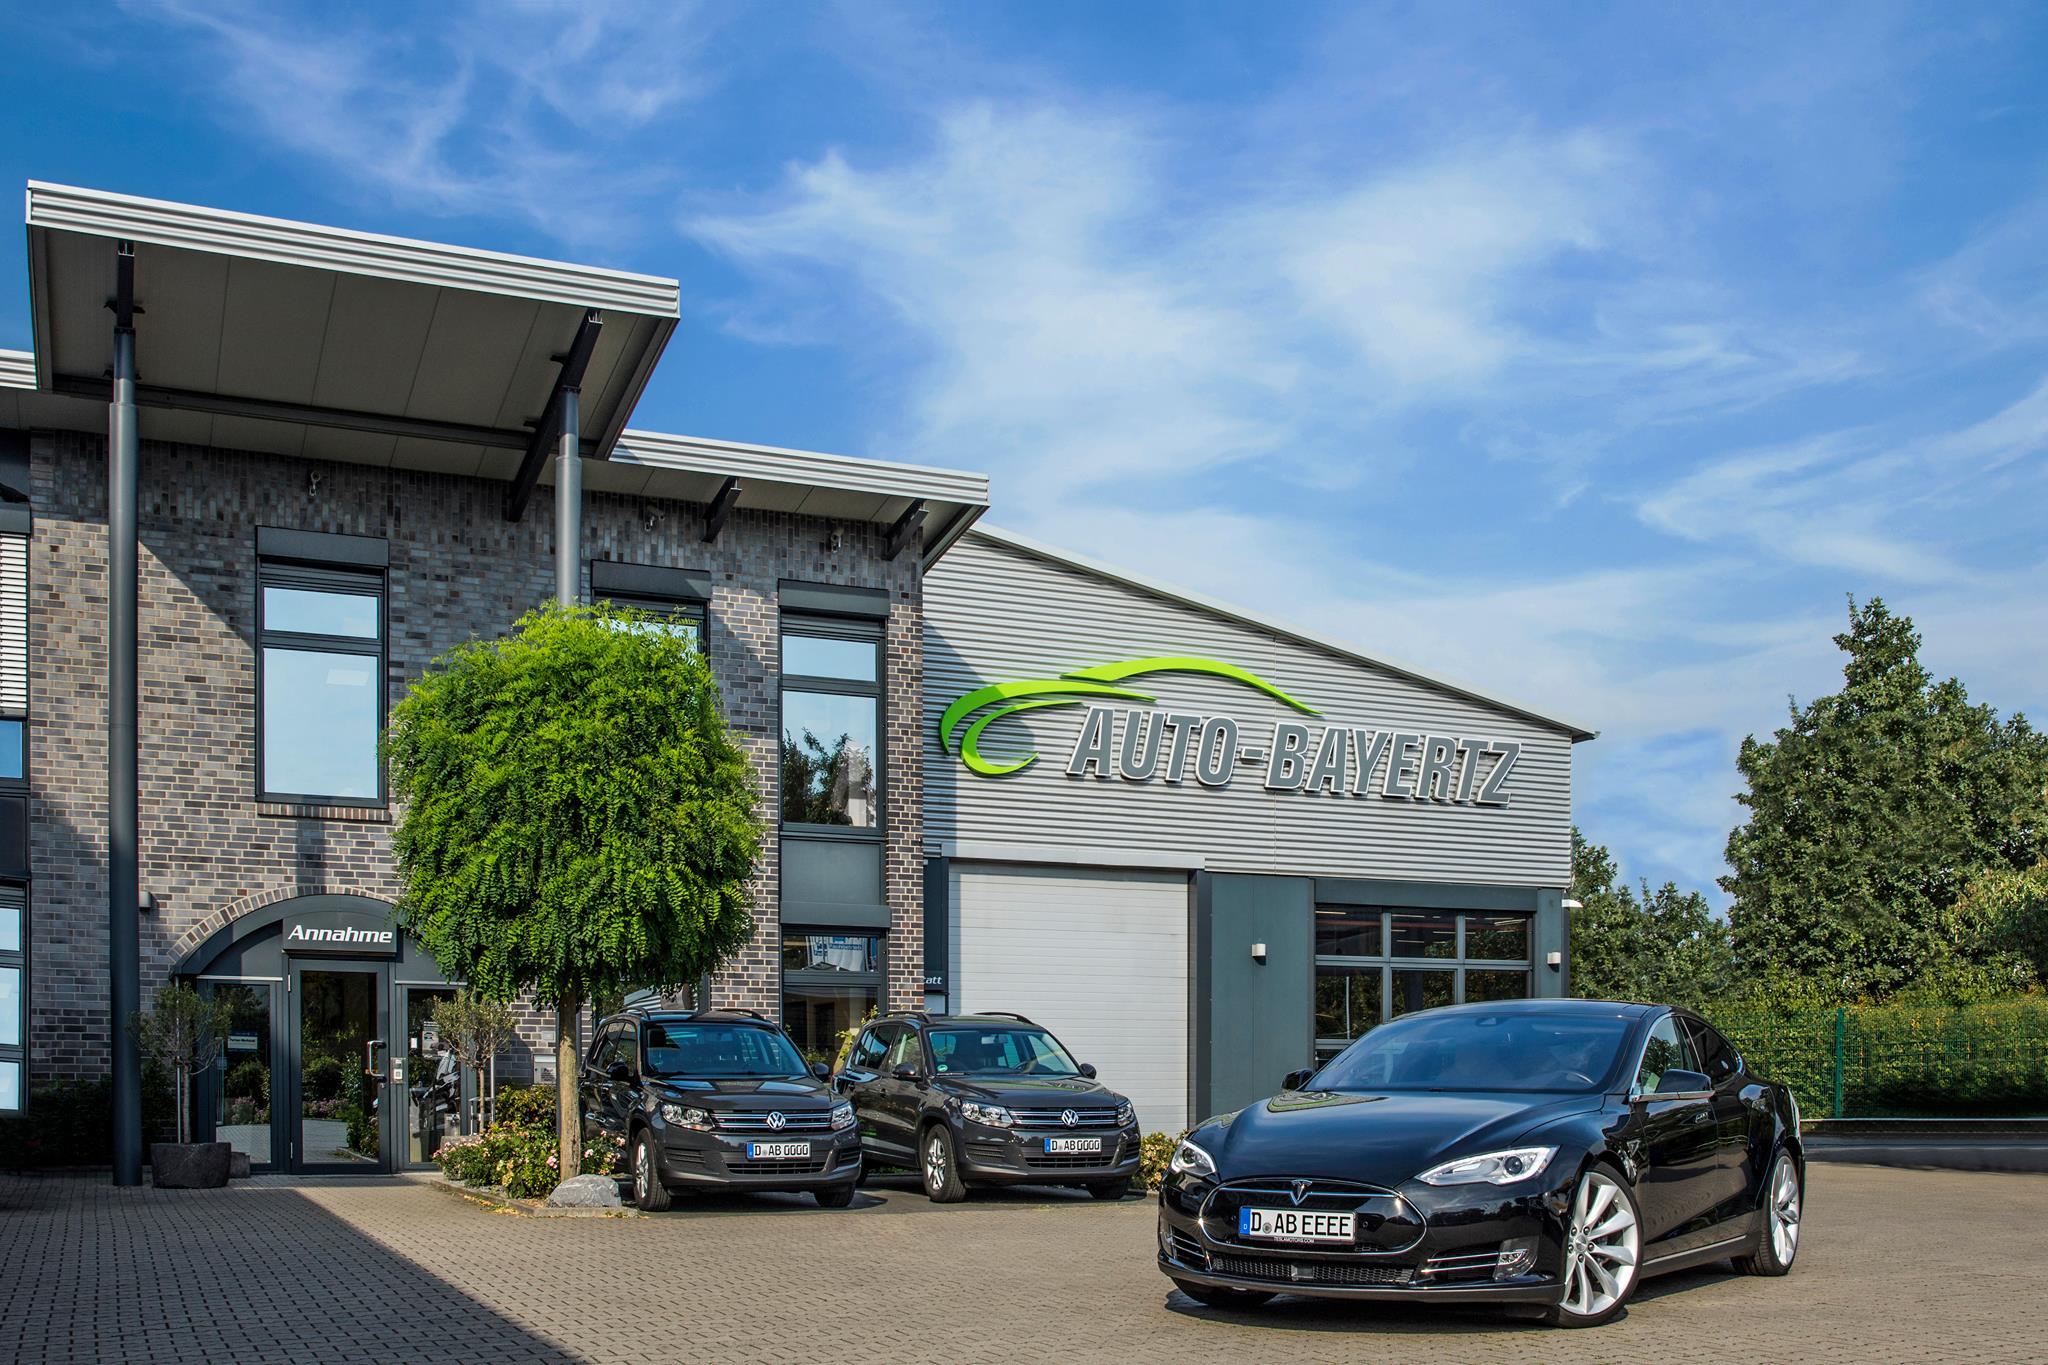 Auto Bayertz Werkstatt in Düsseldorf